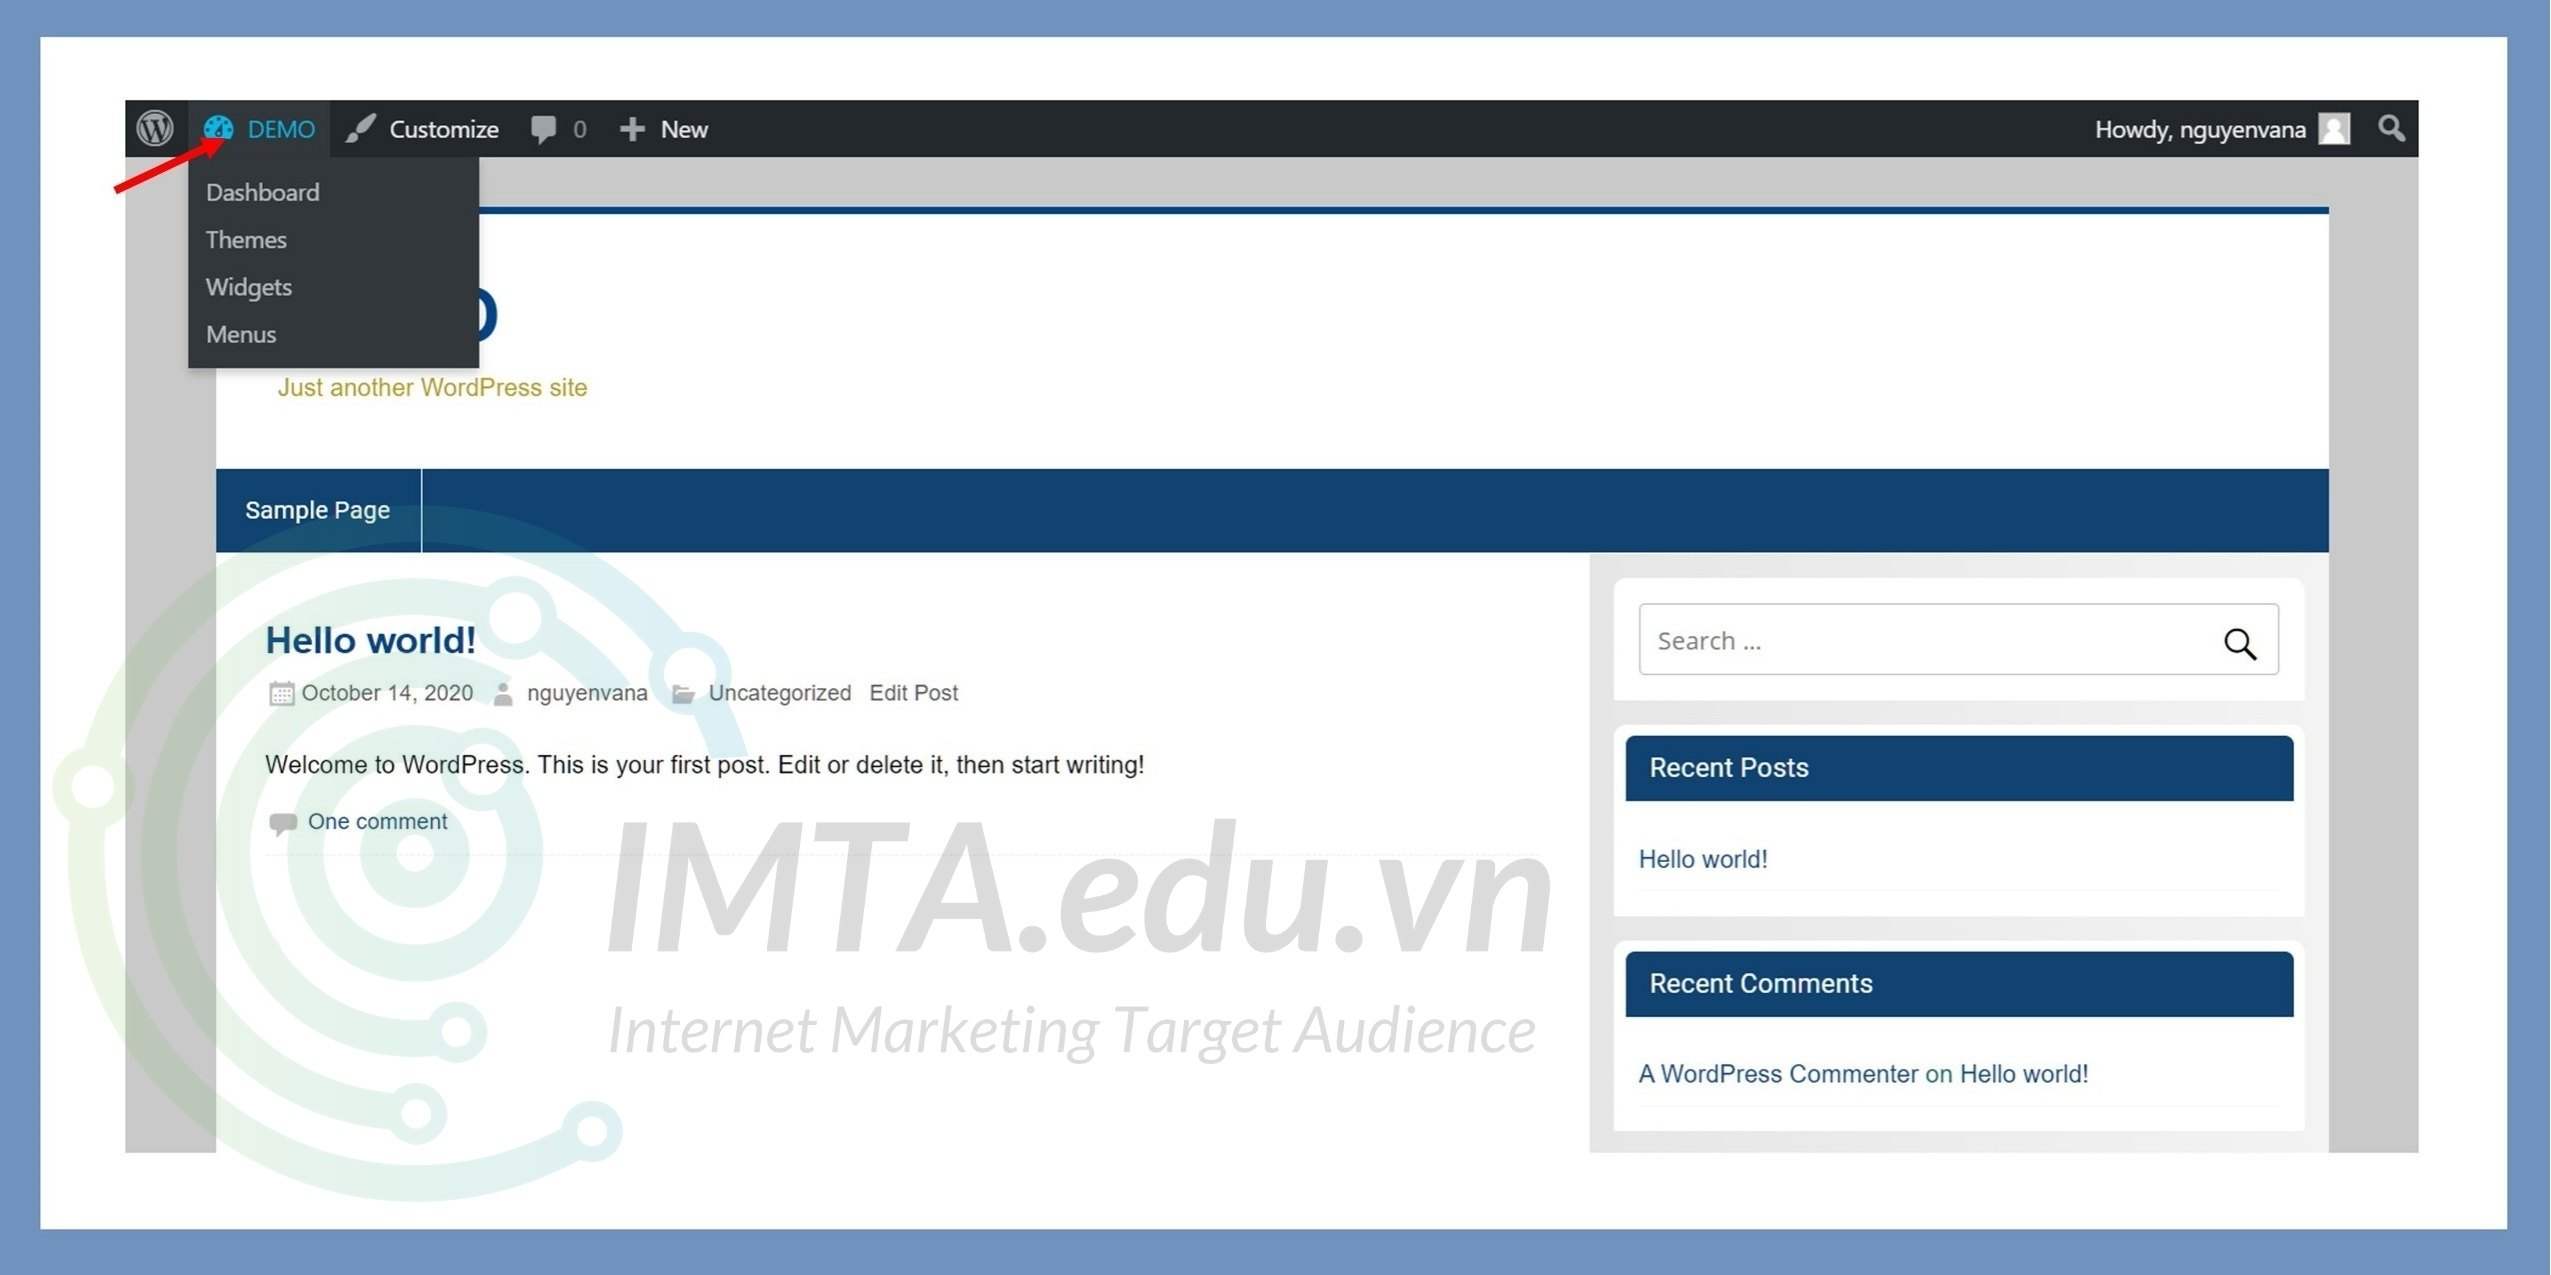 Cách truy cập trang Dashboard của WordPress từ bên ngoài giao diện website